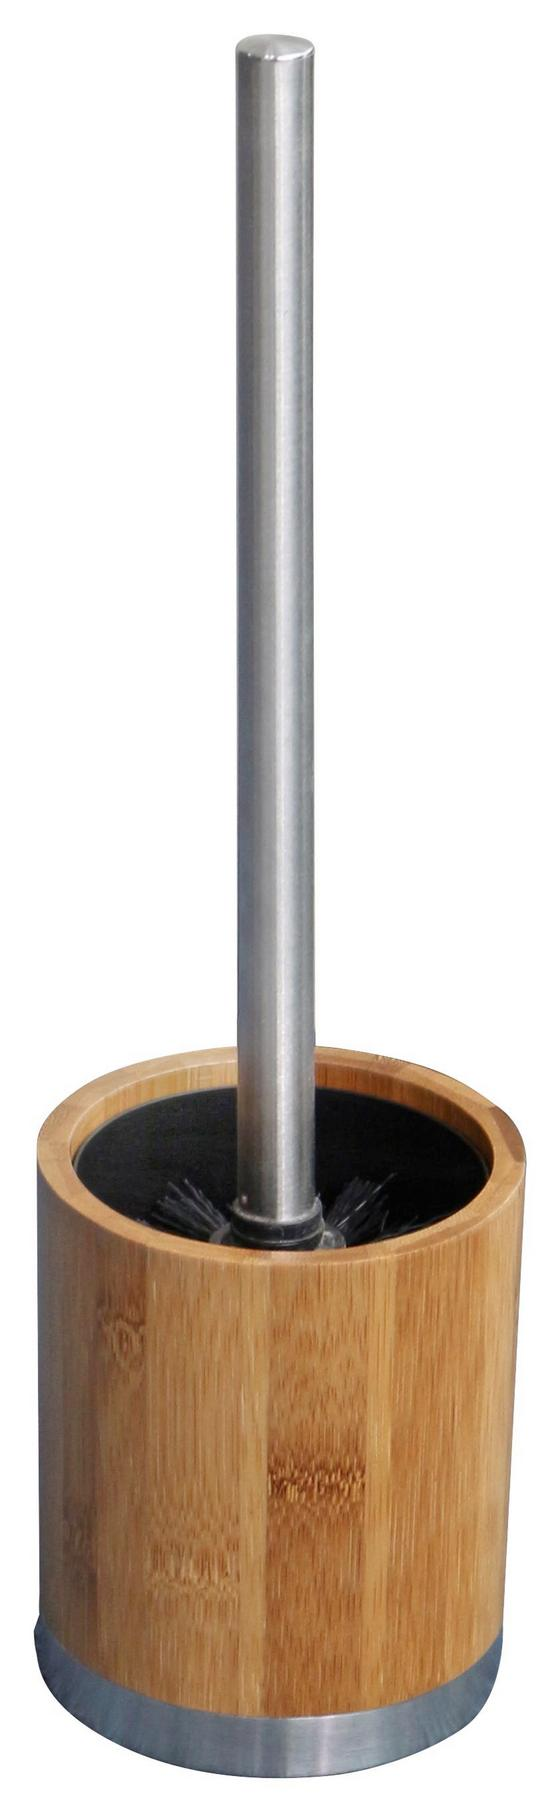 WC-Bürstengarnitur Rainbow - Edelstahlfarben/Braun, KONVENTIONELL, Holz/Kunststoff (9,7/35,5/9,7cm) - Homezone